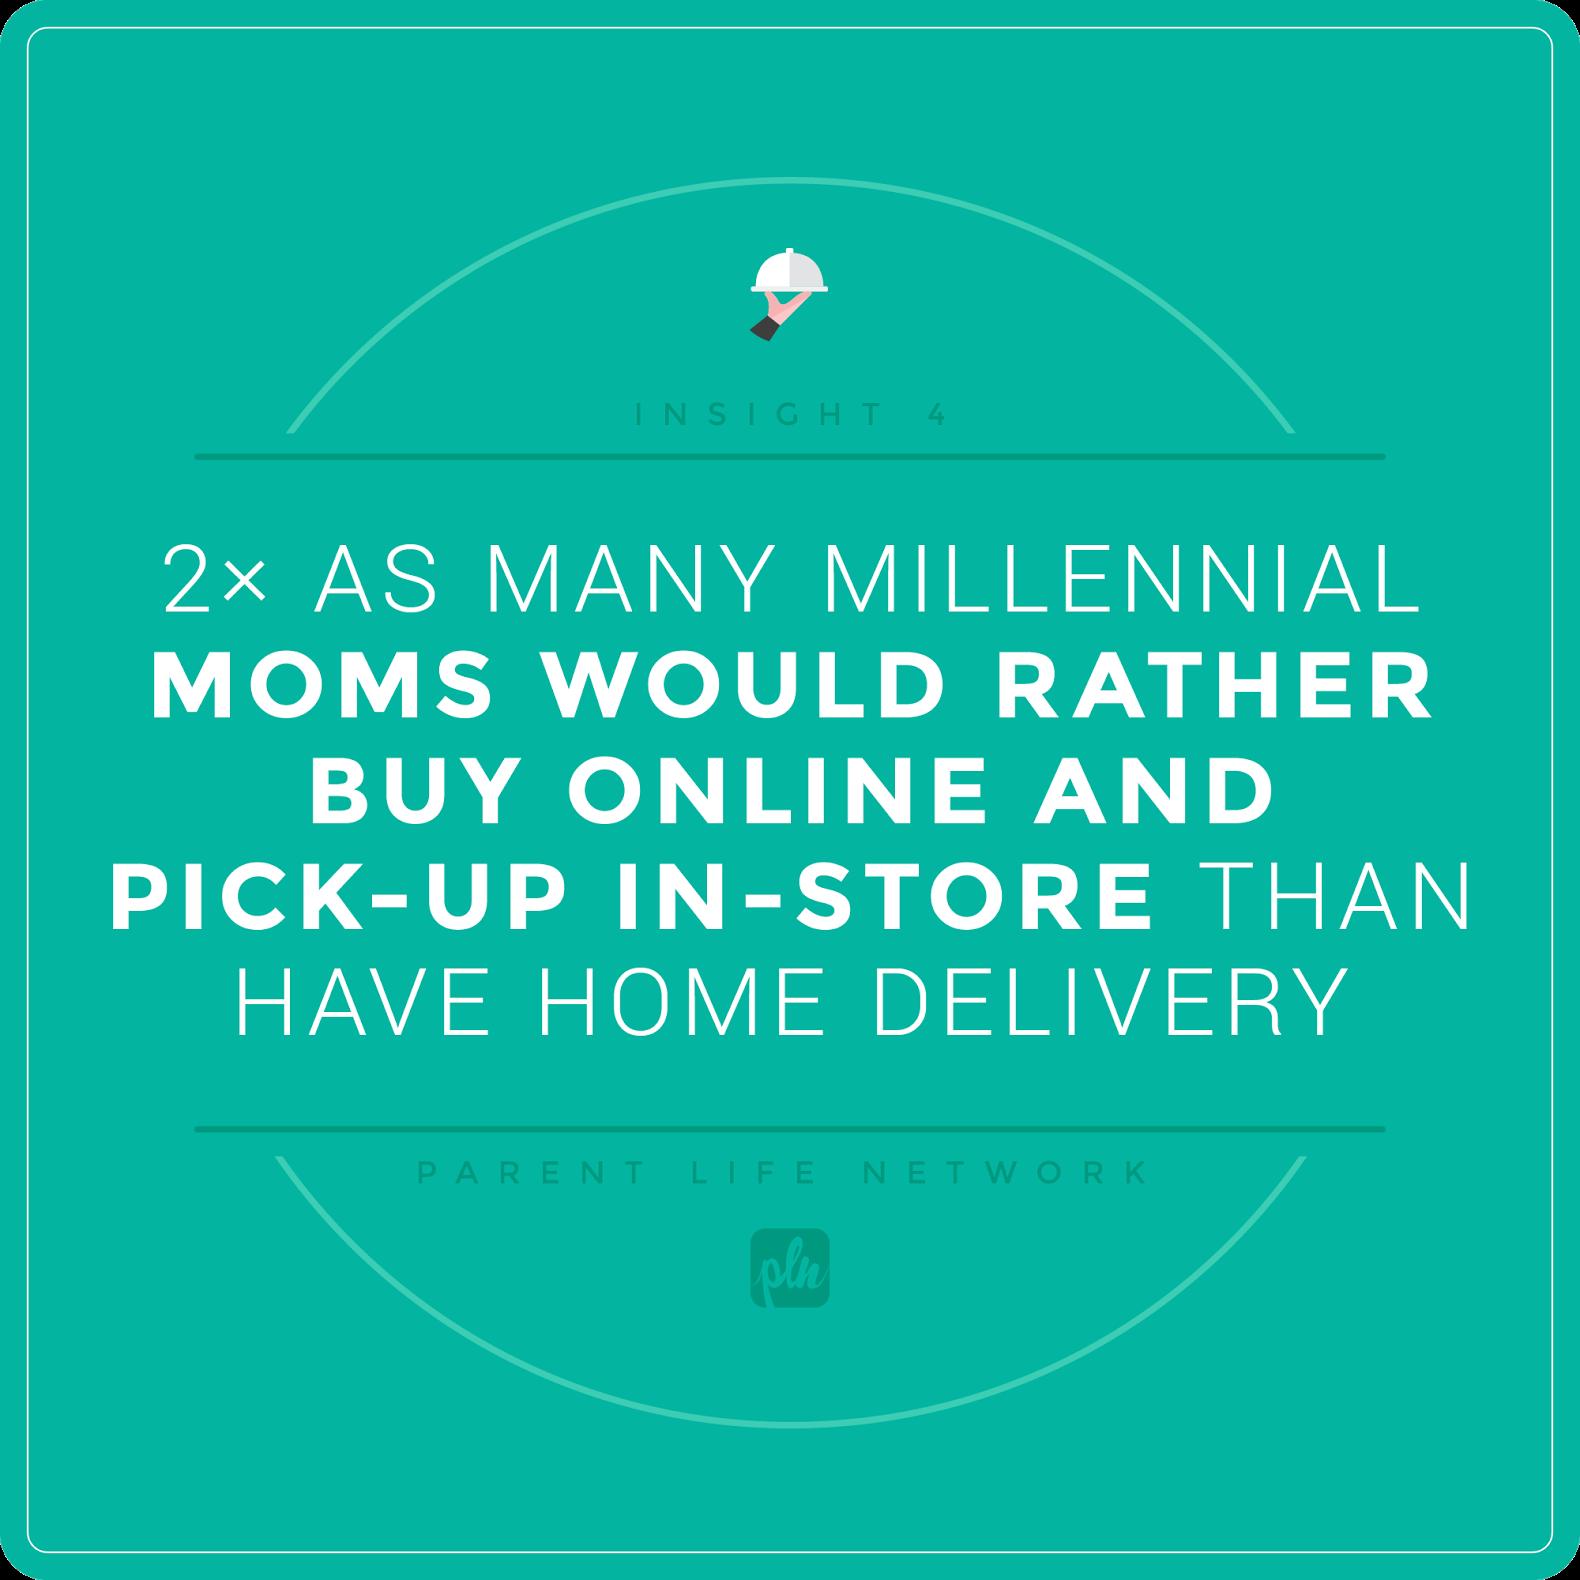 Millennial Mom Insight 4 - Buy Online